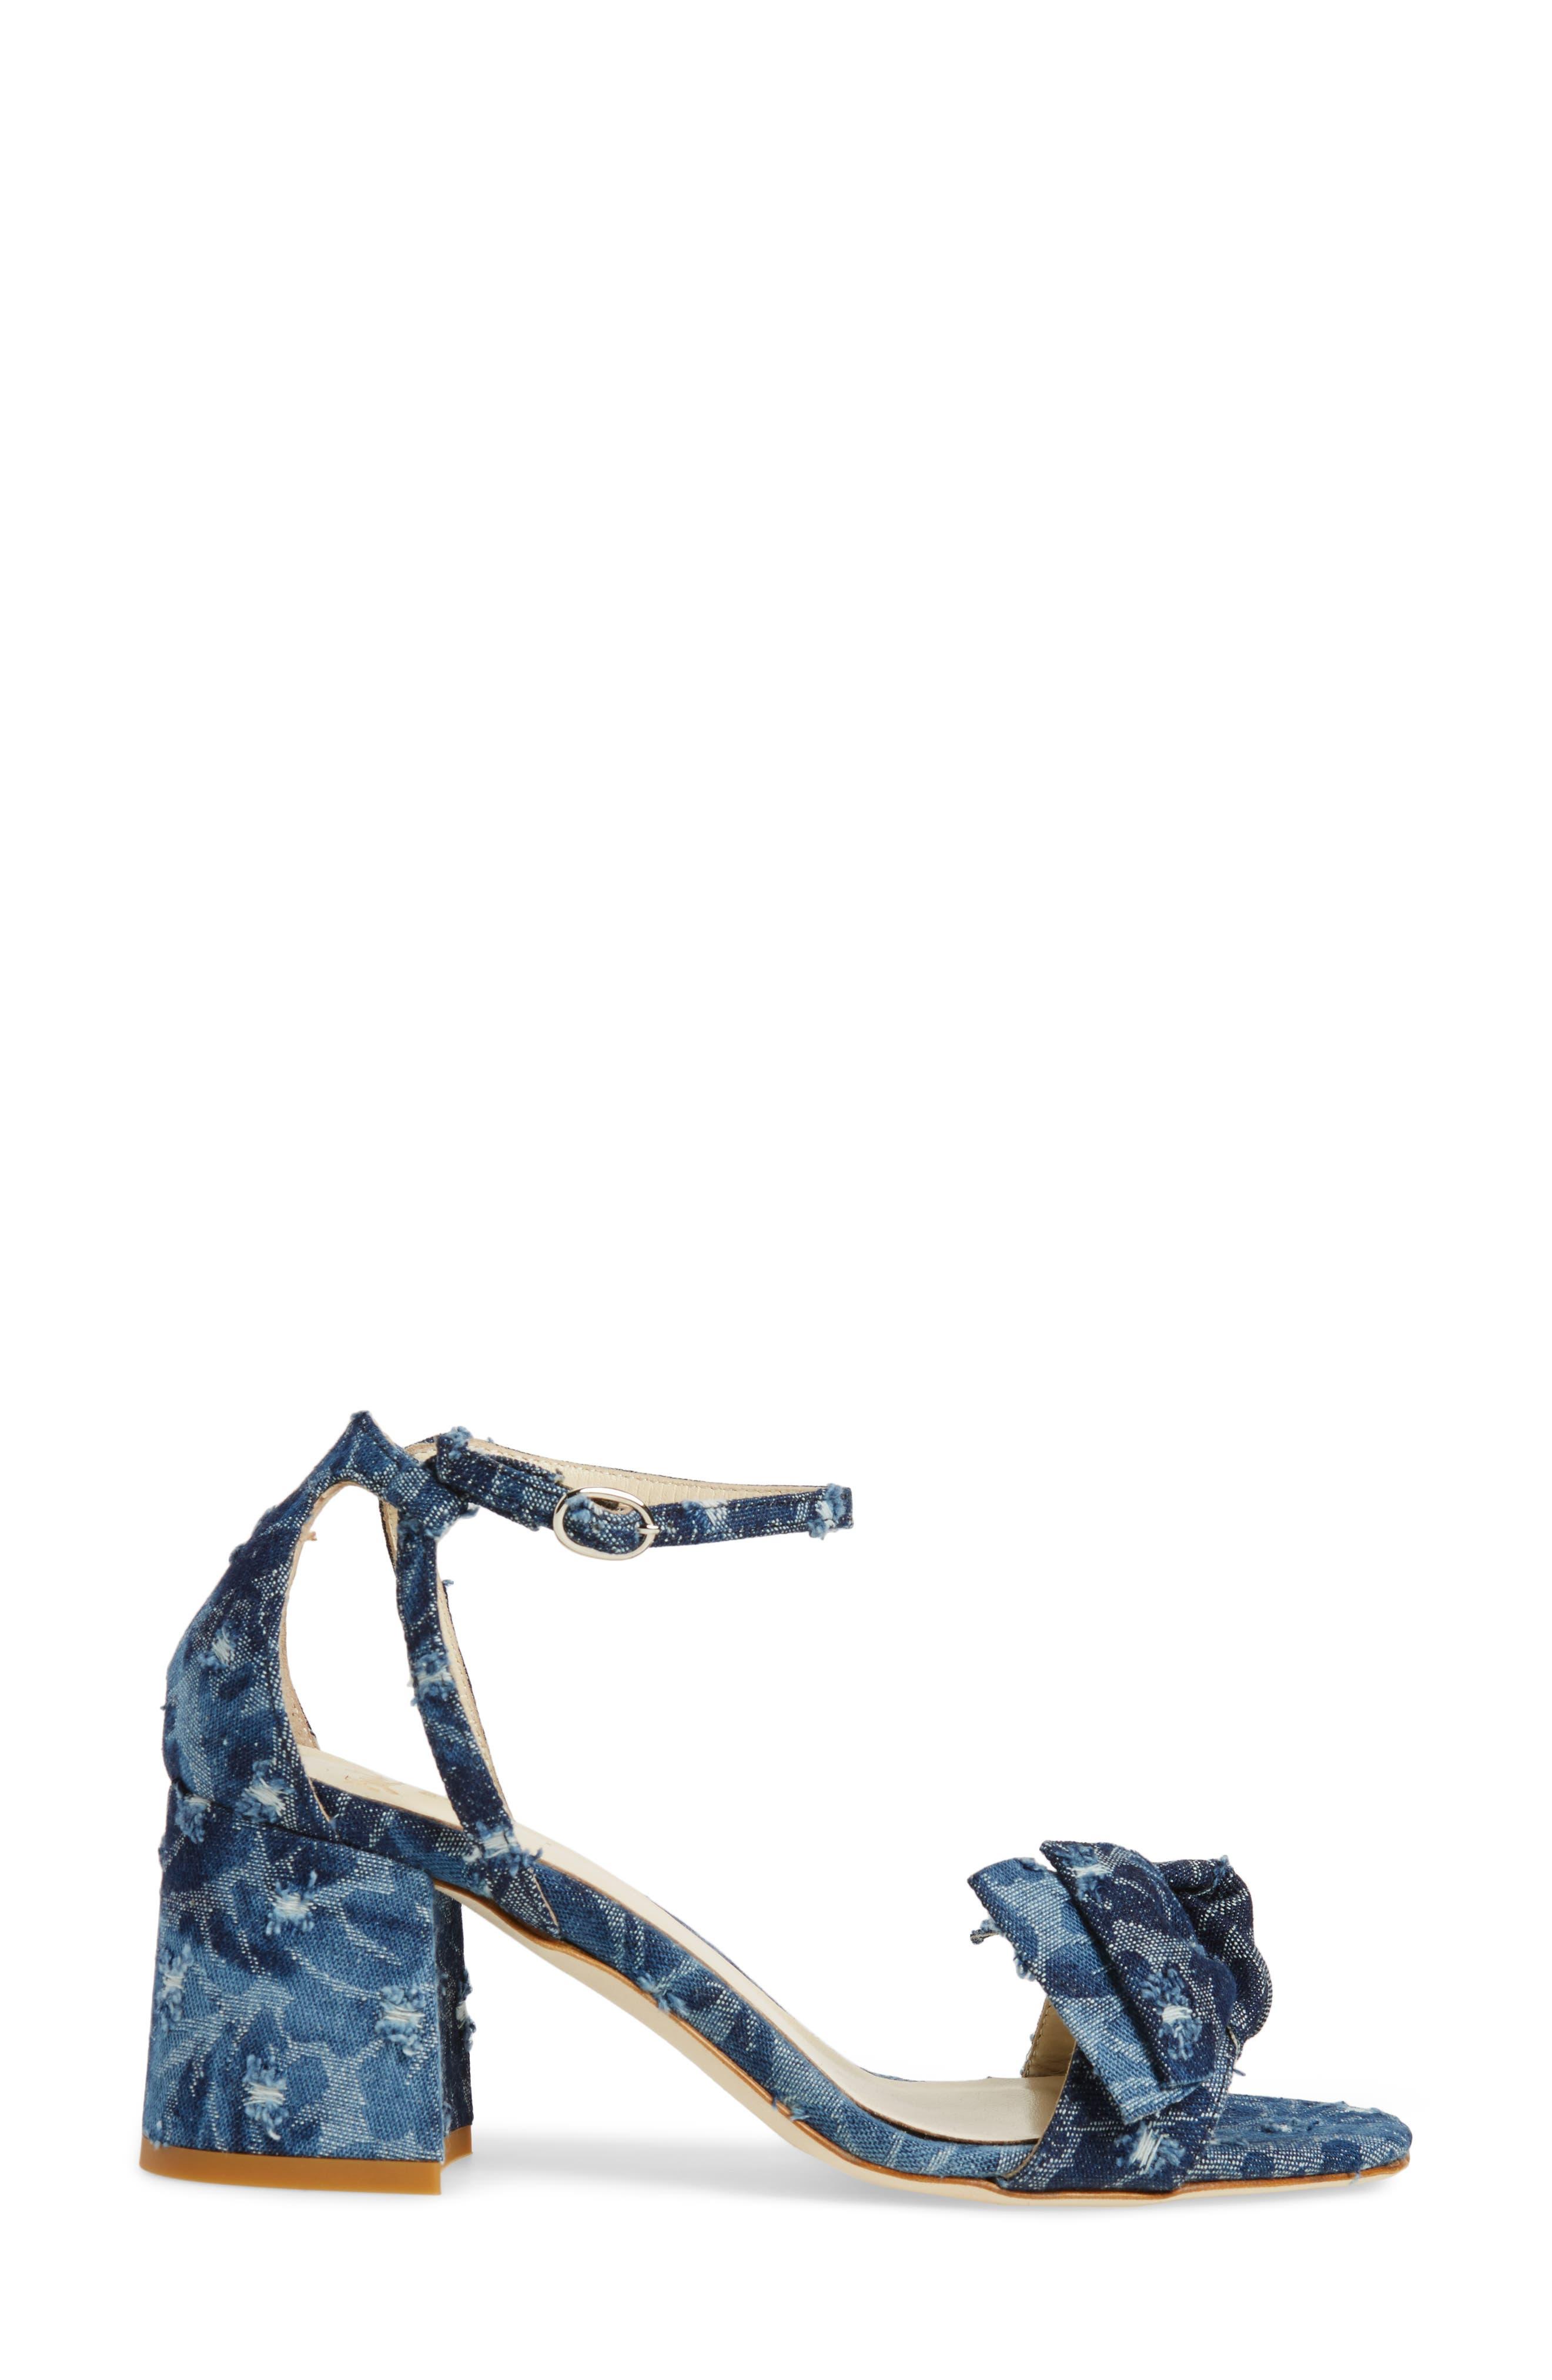 Butter Flower Sandal,                             Alternate thumbnail 3, color,                             Jeans